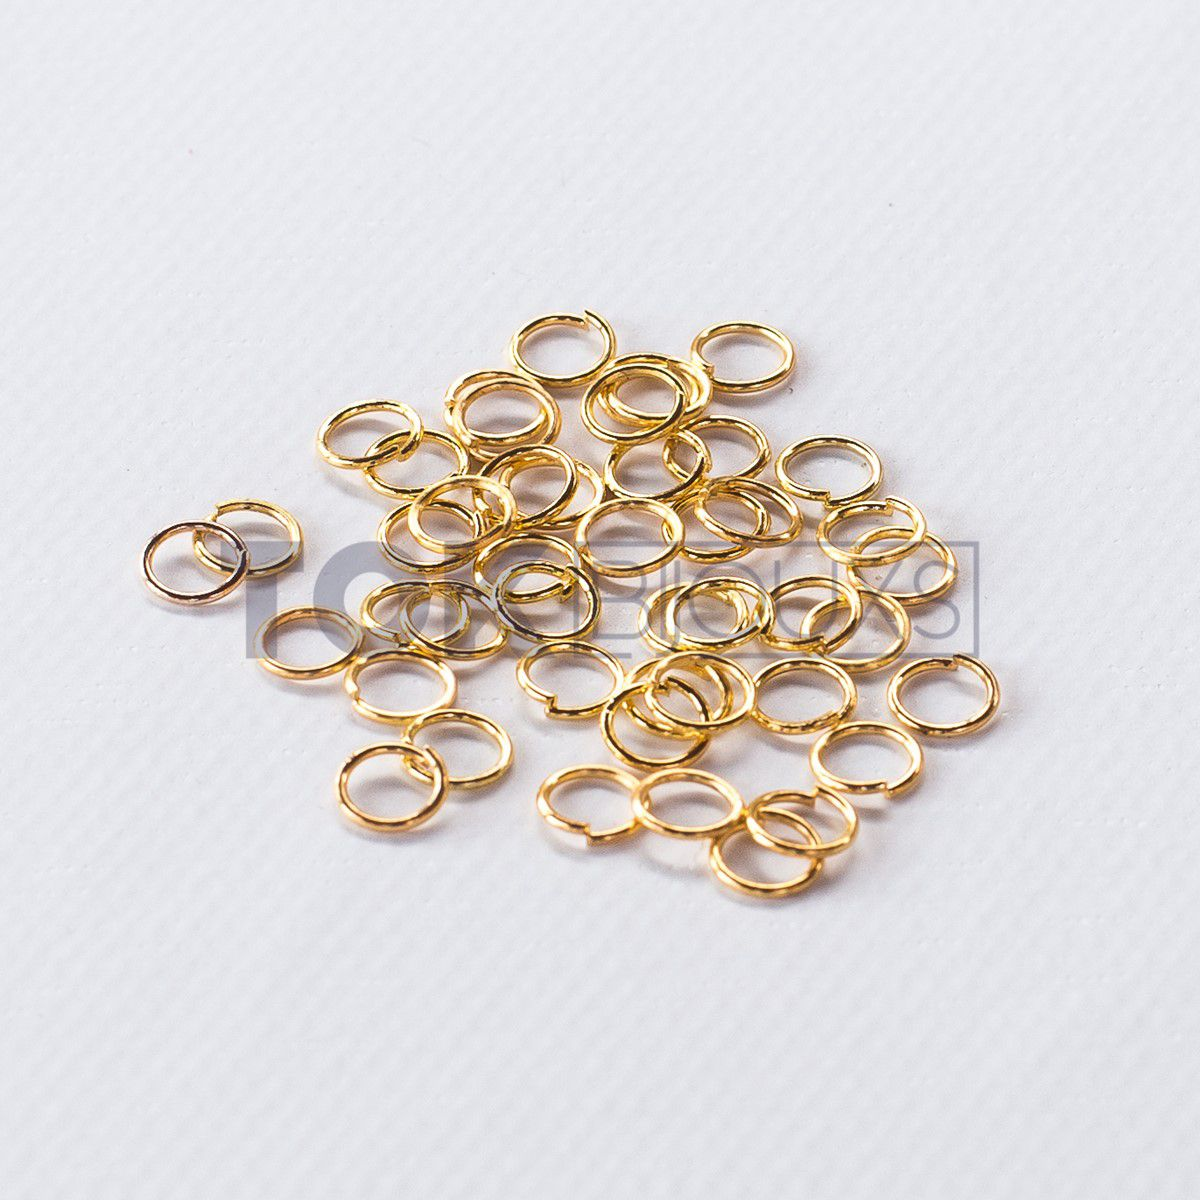 Argola De Ferro 8mm - Dourado - 25g